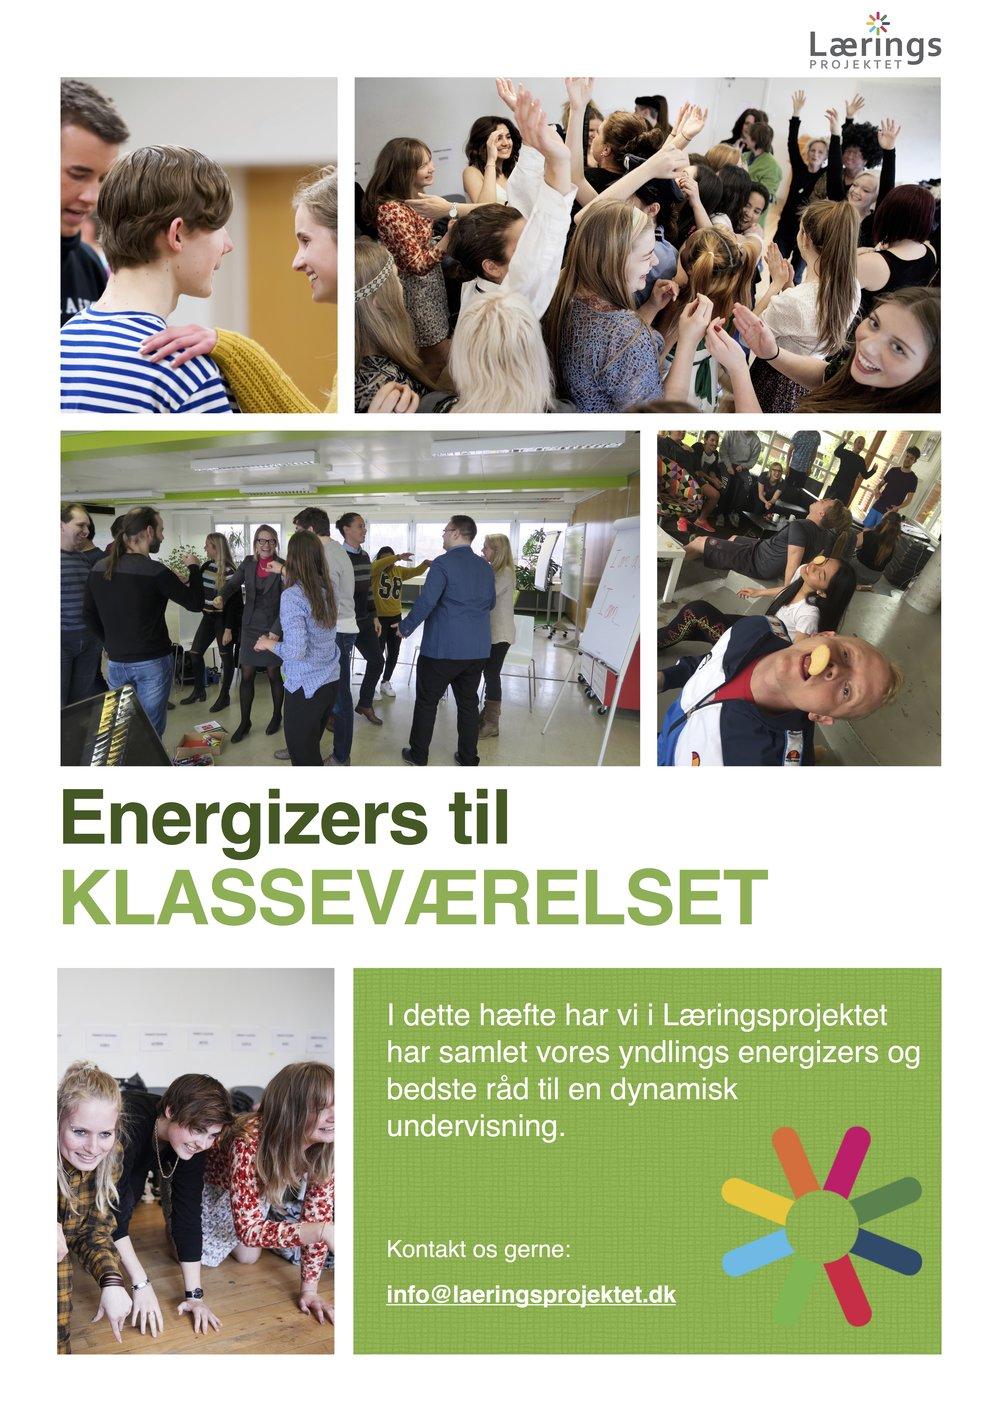 energizers i skoledagen laeringsprojektet